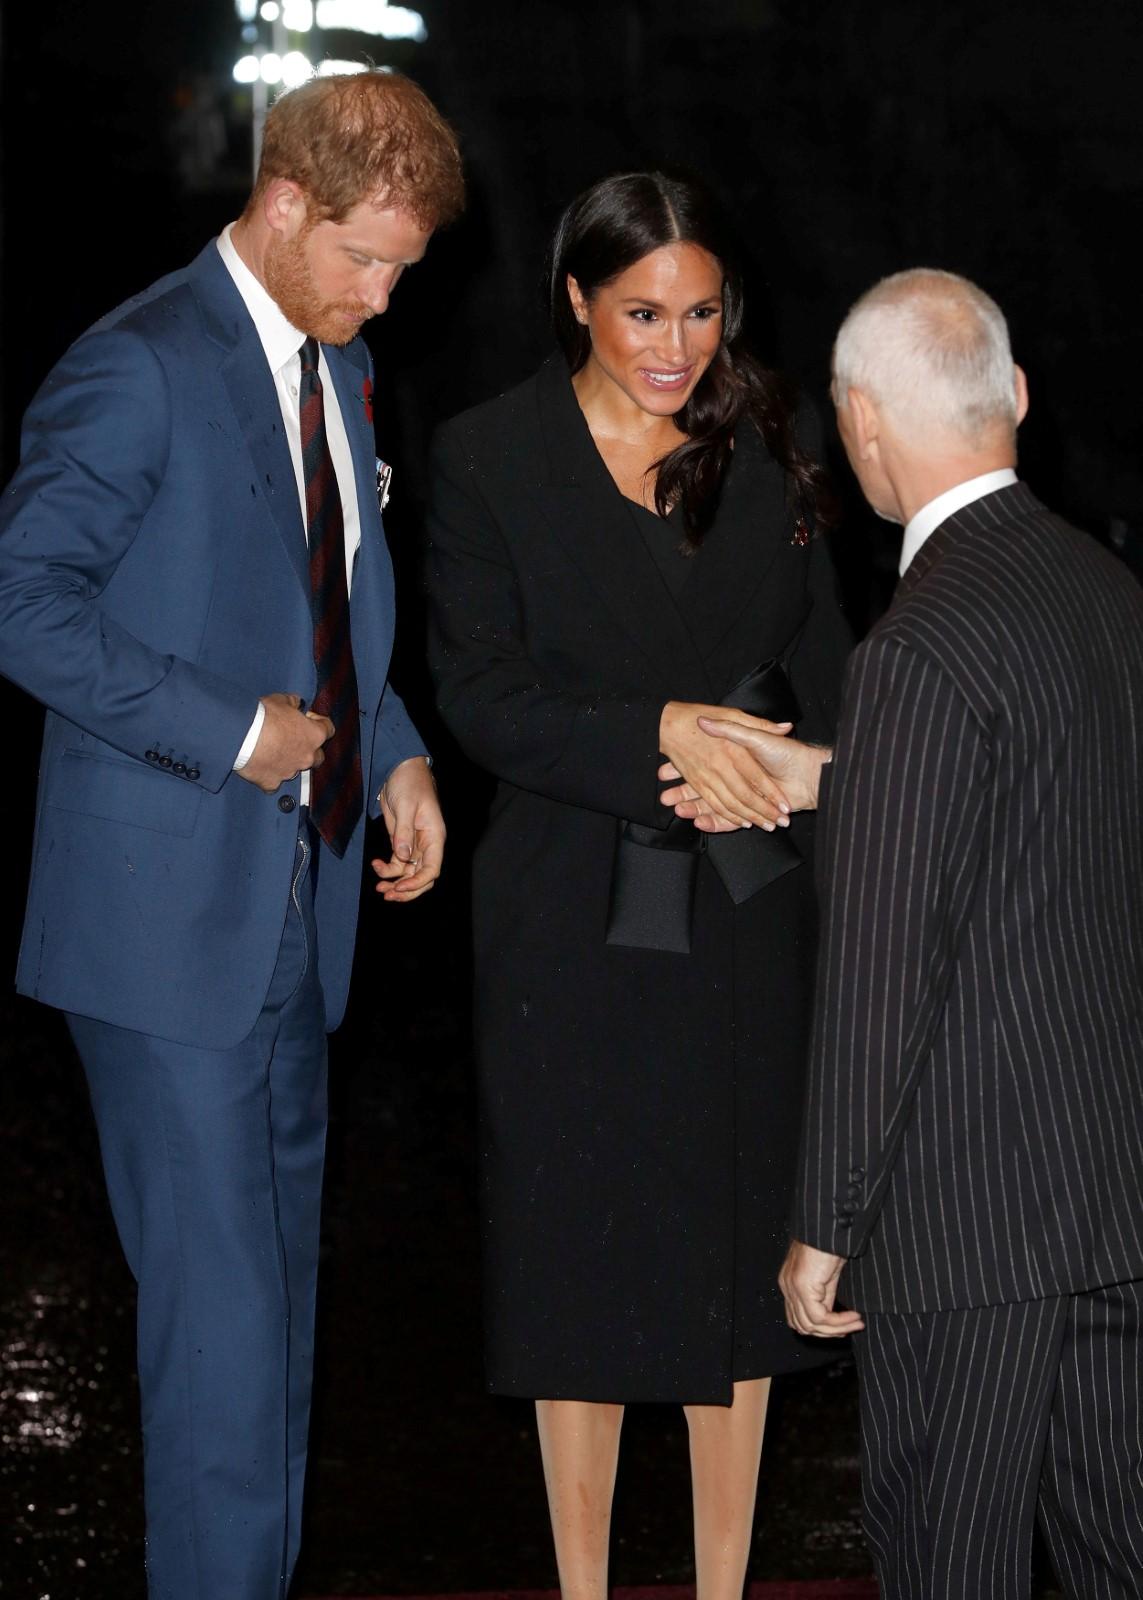 Princ Harry a Megan přicházejí do Royal Albert Hall na tradiční vzpomínkové slavnosti. Na obou je vidět, že si s deštěm užili své